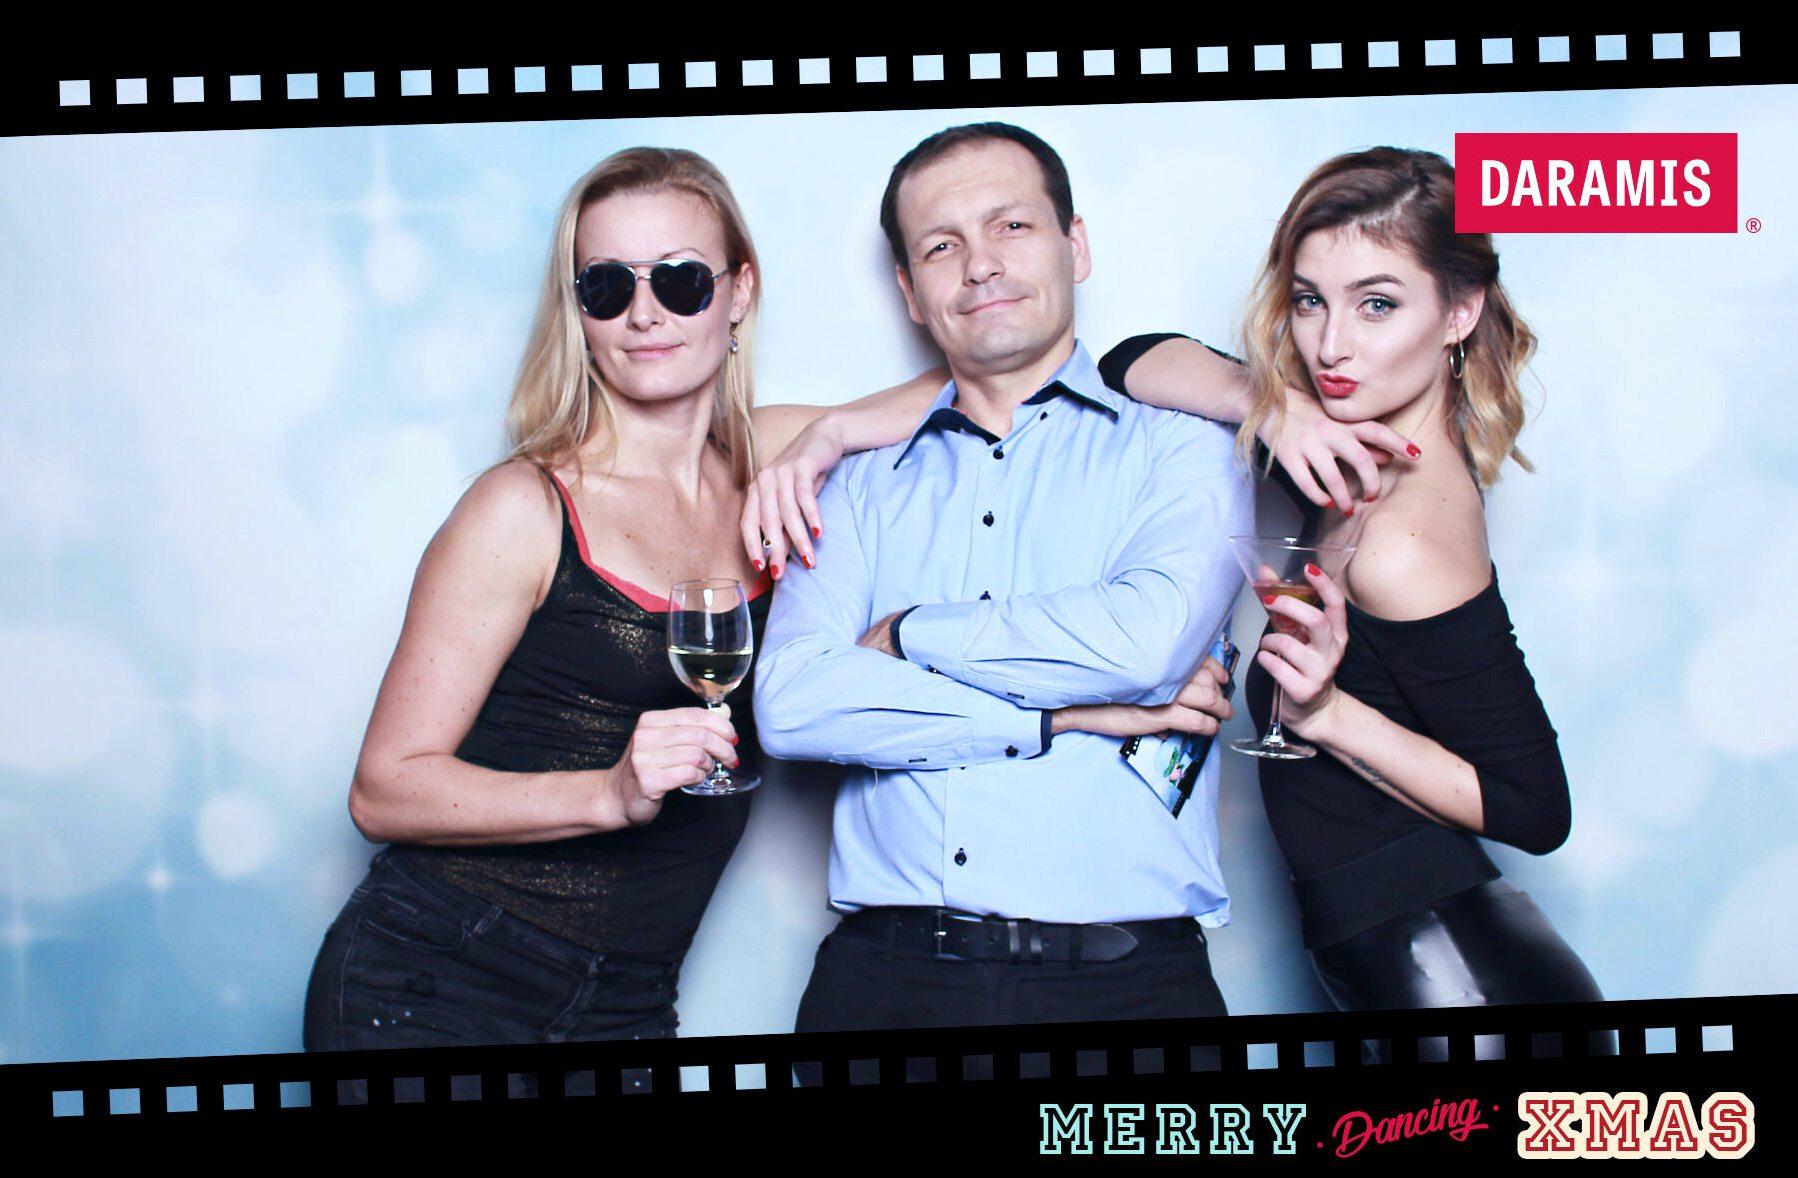 fotokoutek-daramis-6-12-2017-350643